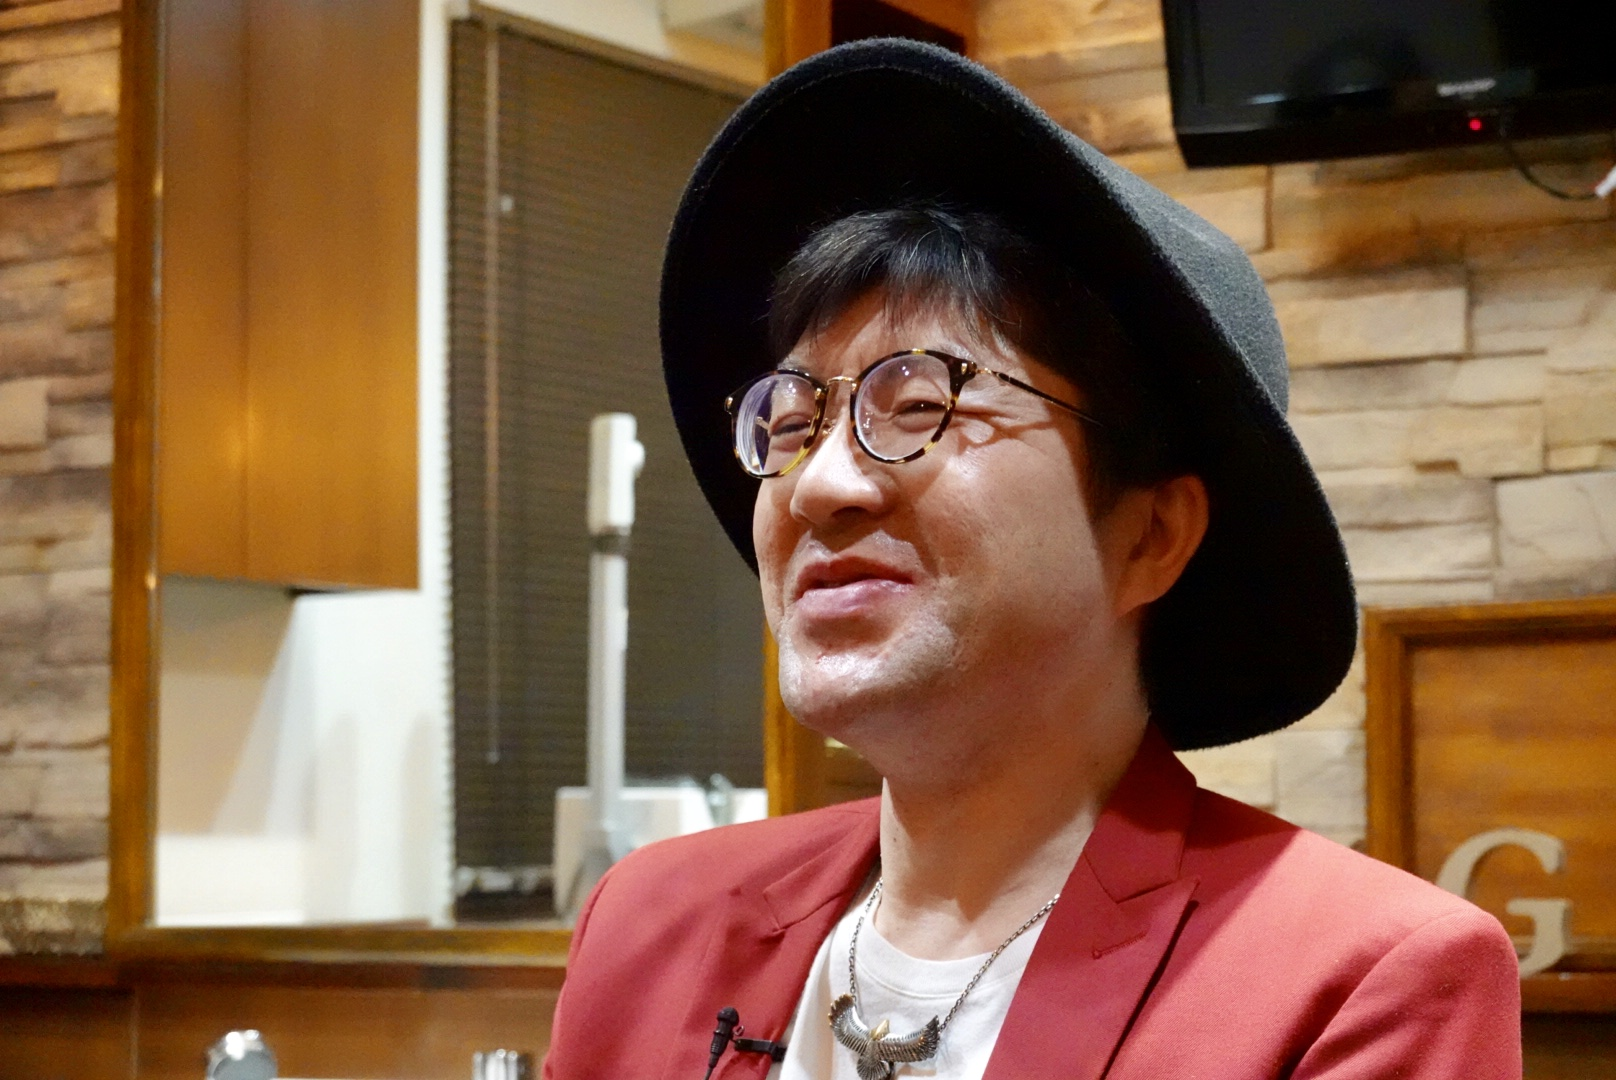 仙台市の床屋「SUGAR」代表 佐藤弘幸様